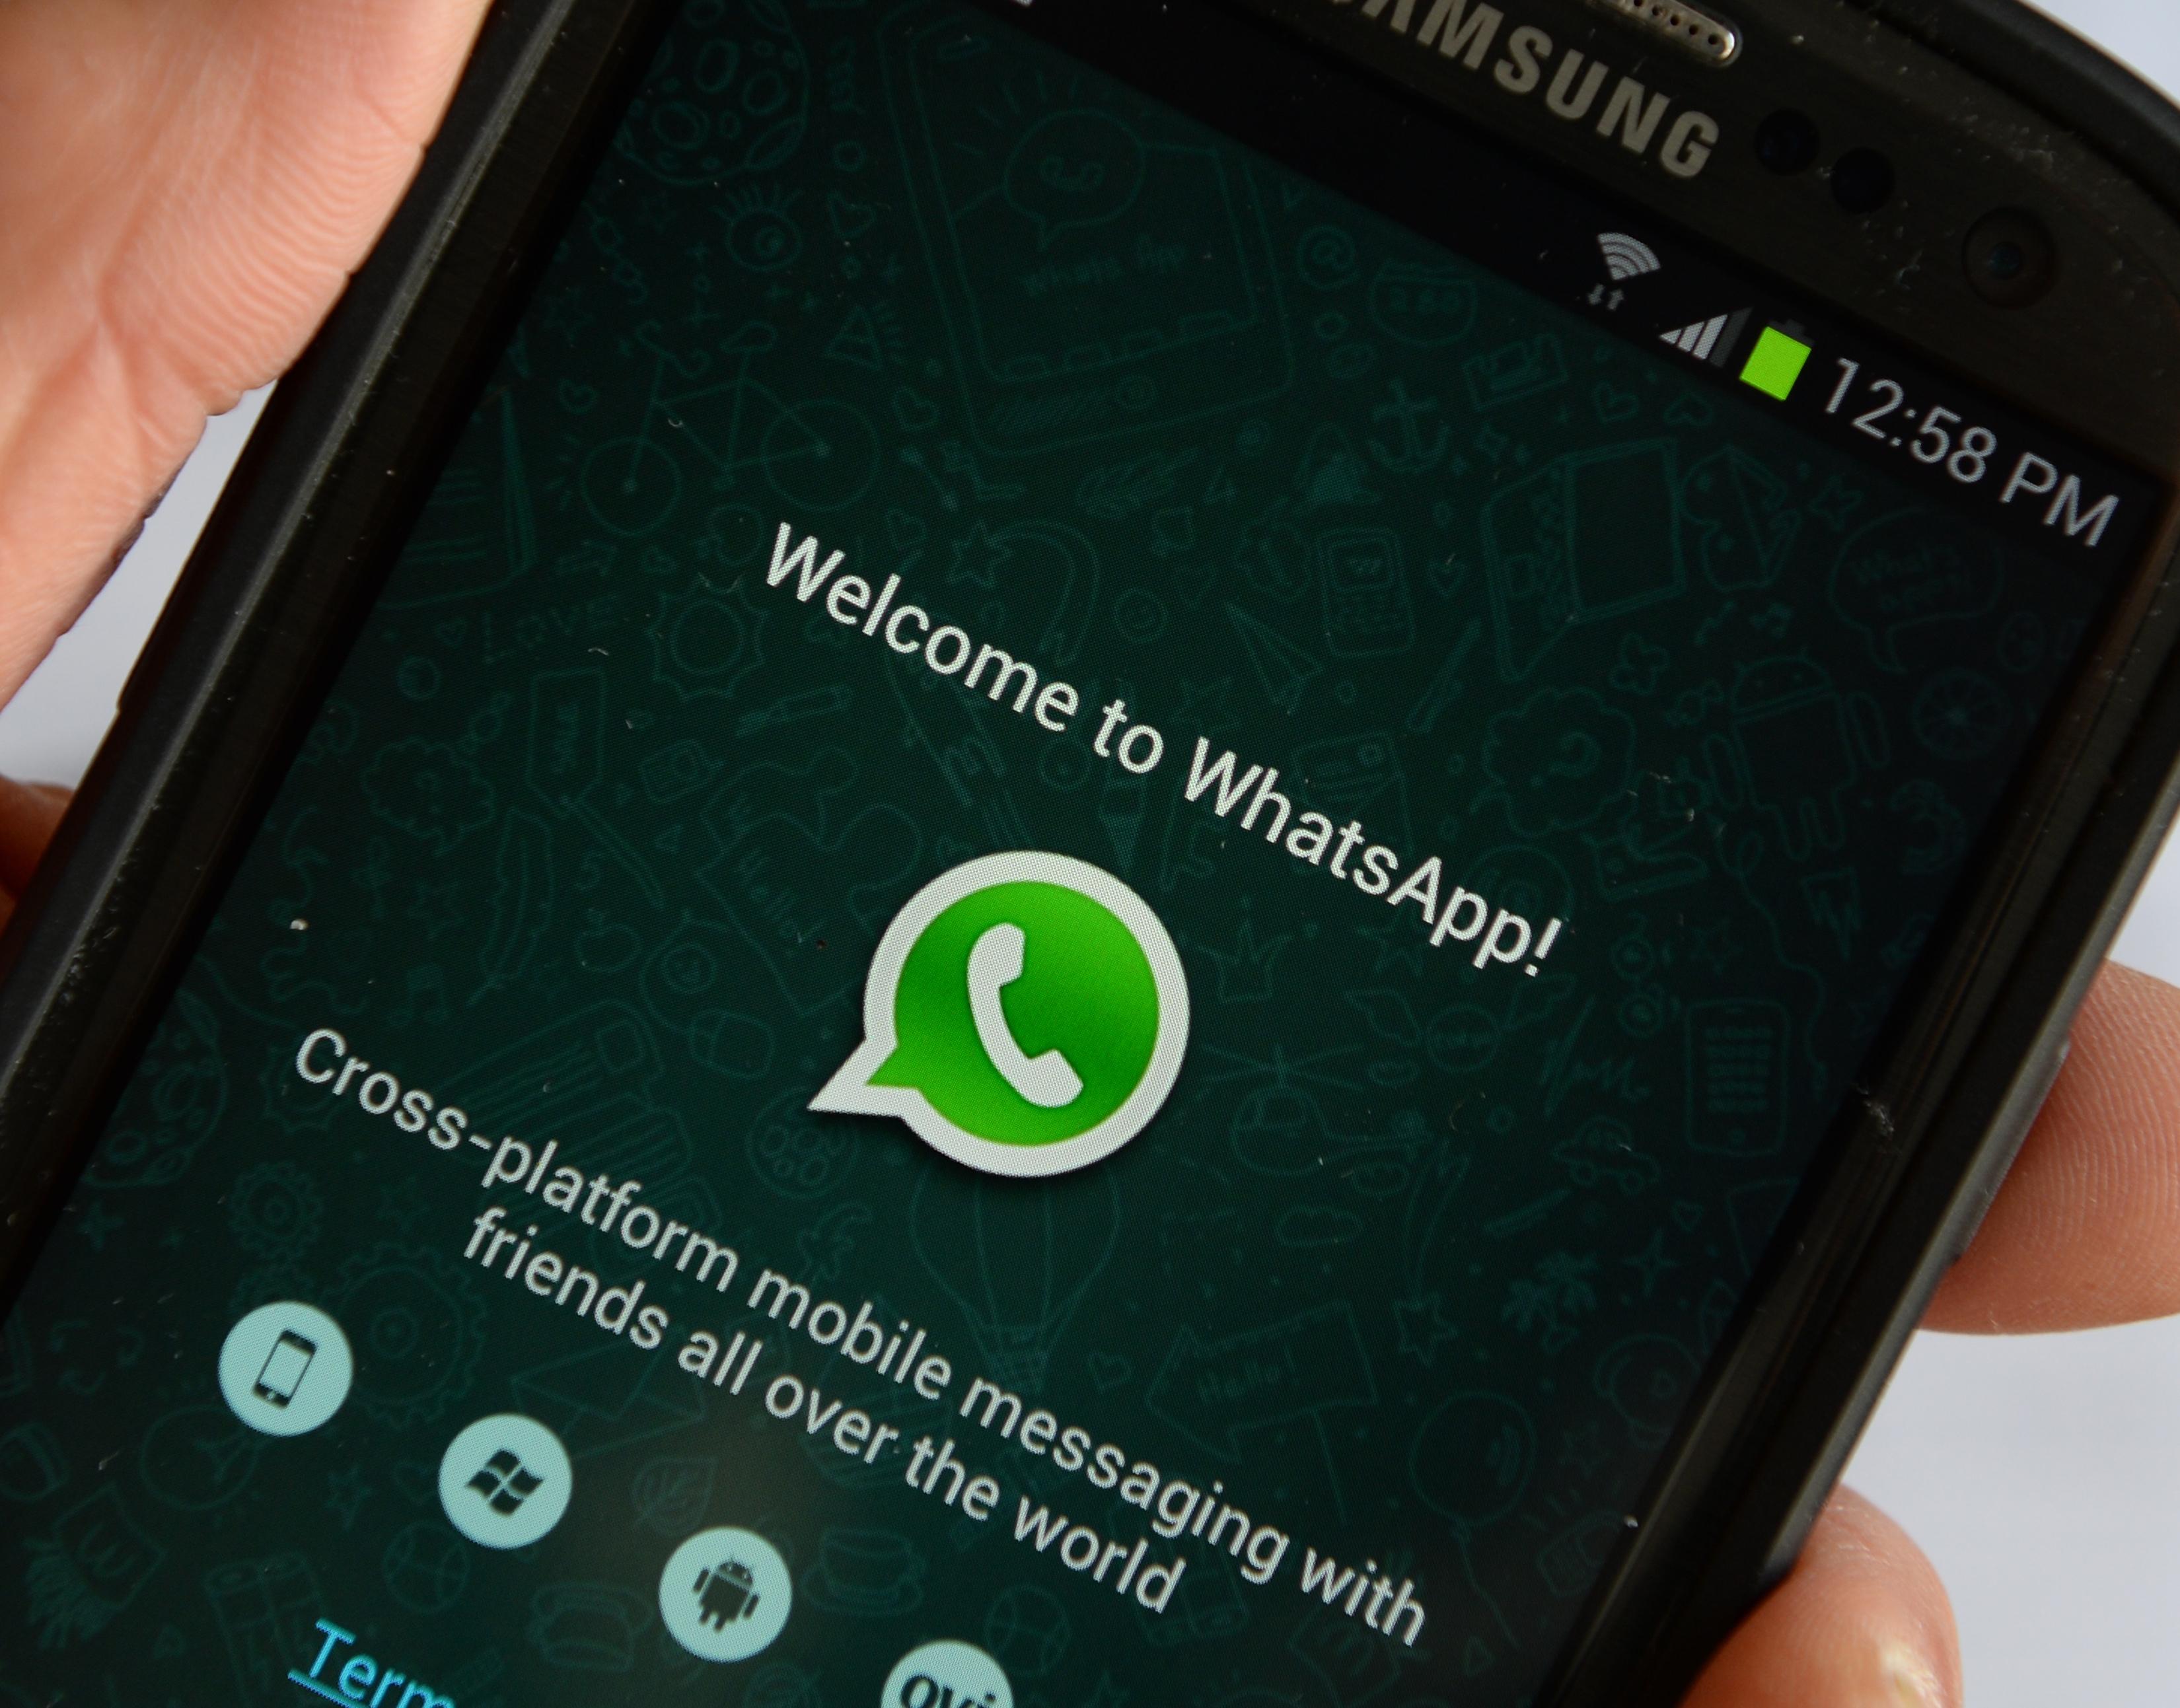 被黑客利用攻擊人權律師 WhatsApp修復漏洞